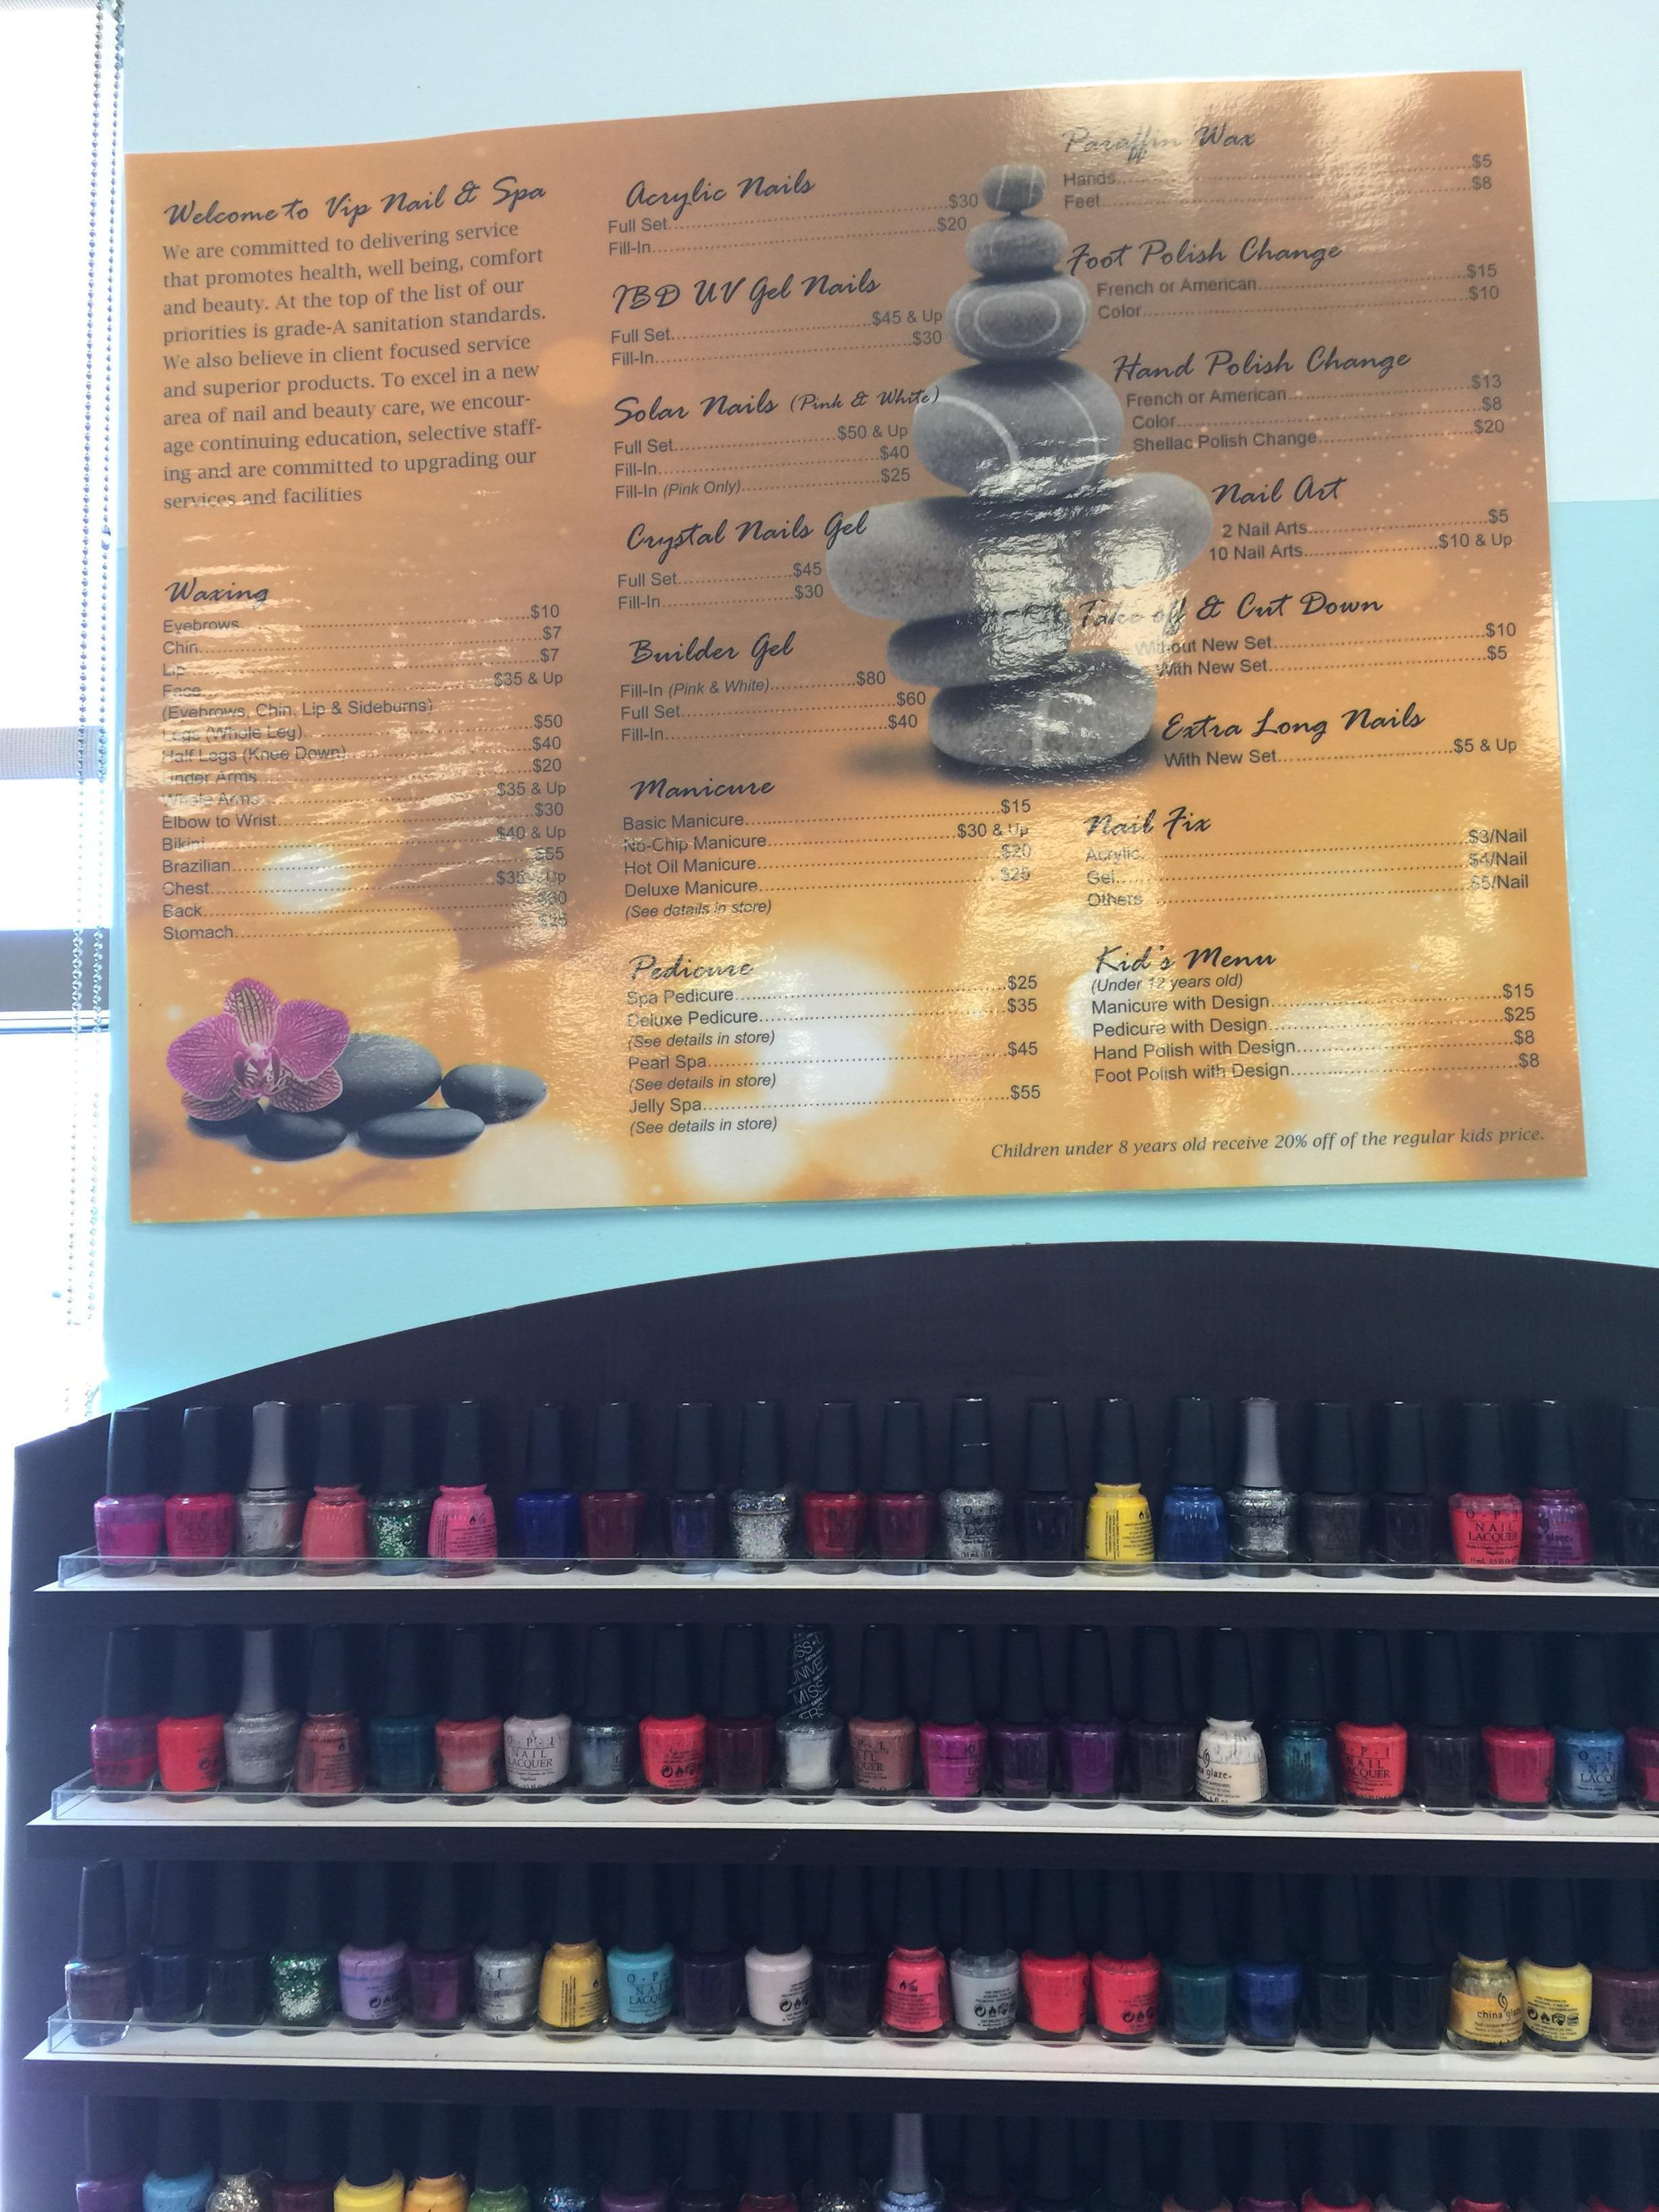 VIP Nails & Spa image 2